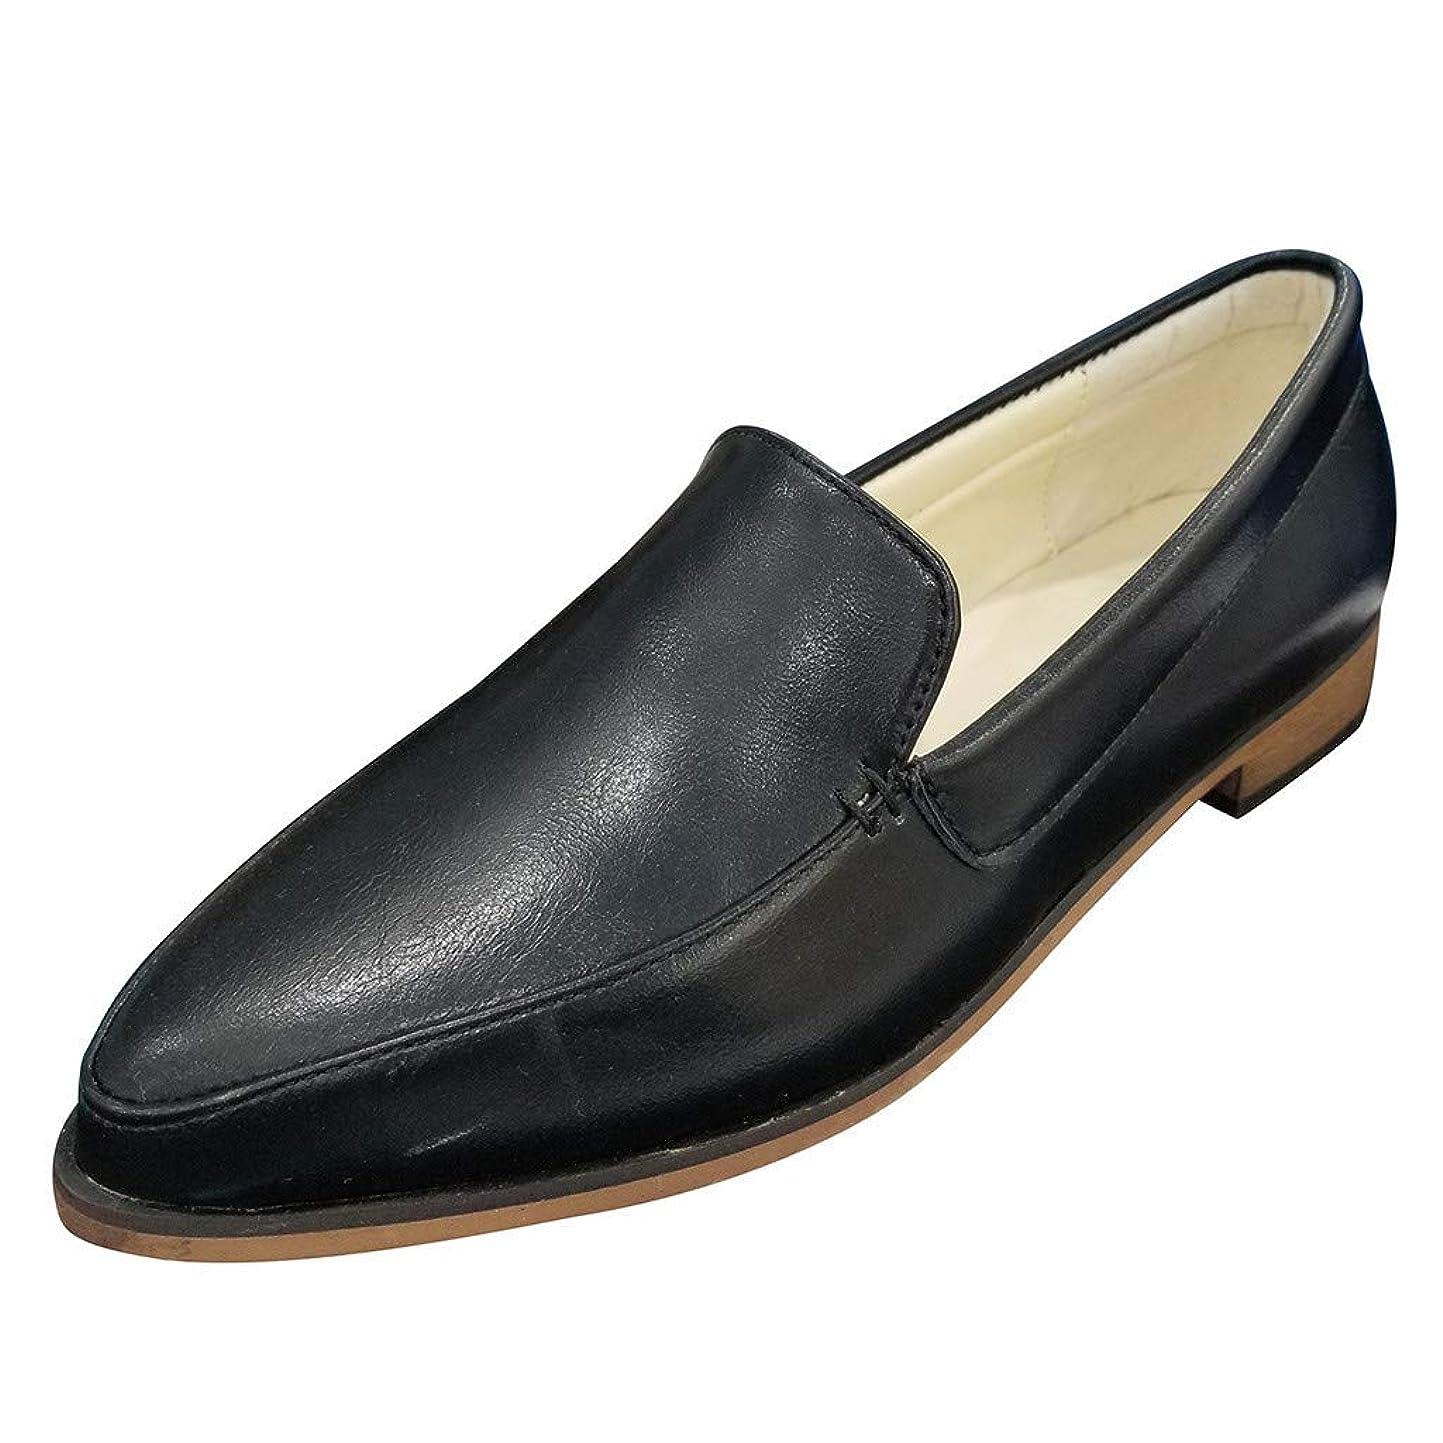 ギャラリー酸っぱい赤幸運な太陽 レディースシューズ カジュアル ラウンドヘッドセット ローヒール 靴 シングルシューズ レザーシューズ 通勤 通学 歩きやすい 滑りにくい 美脚 2.5cmヒール